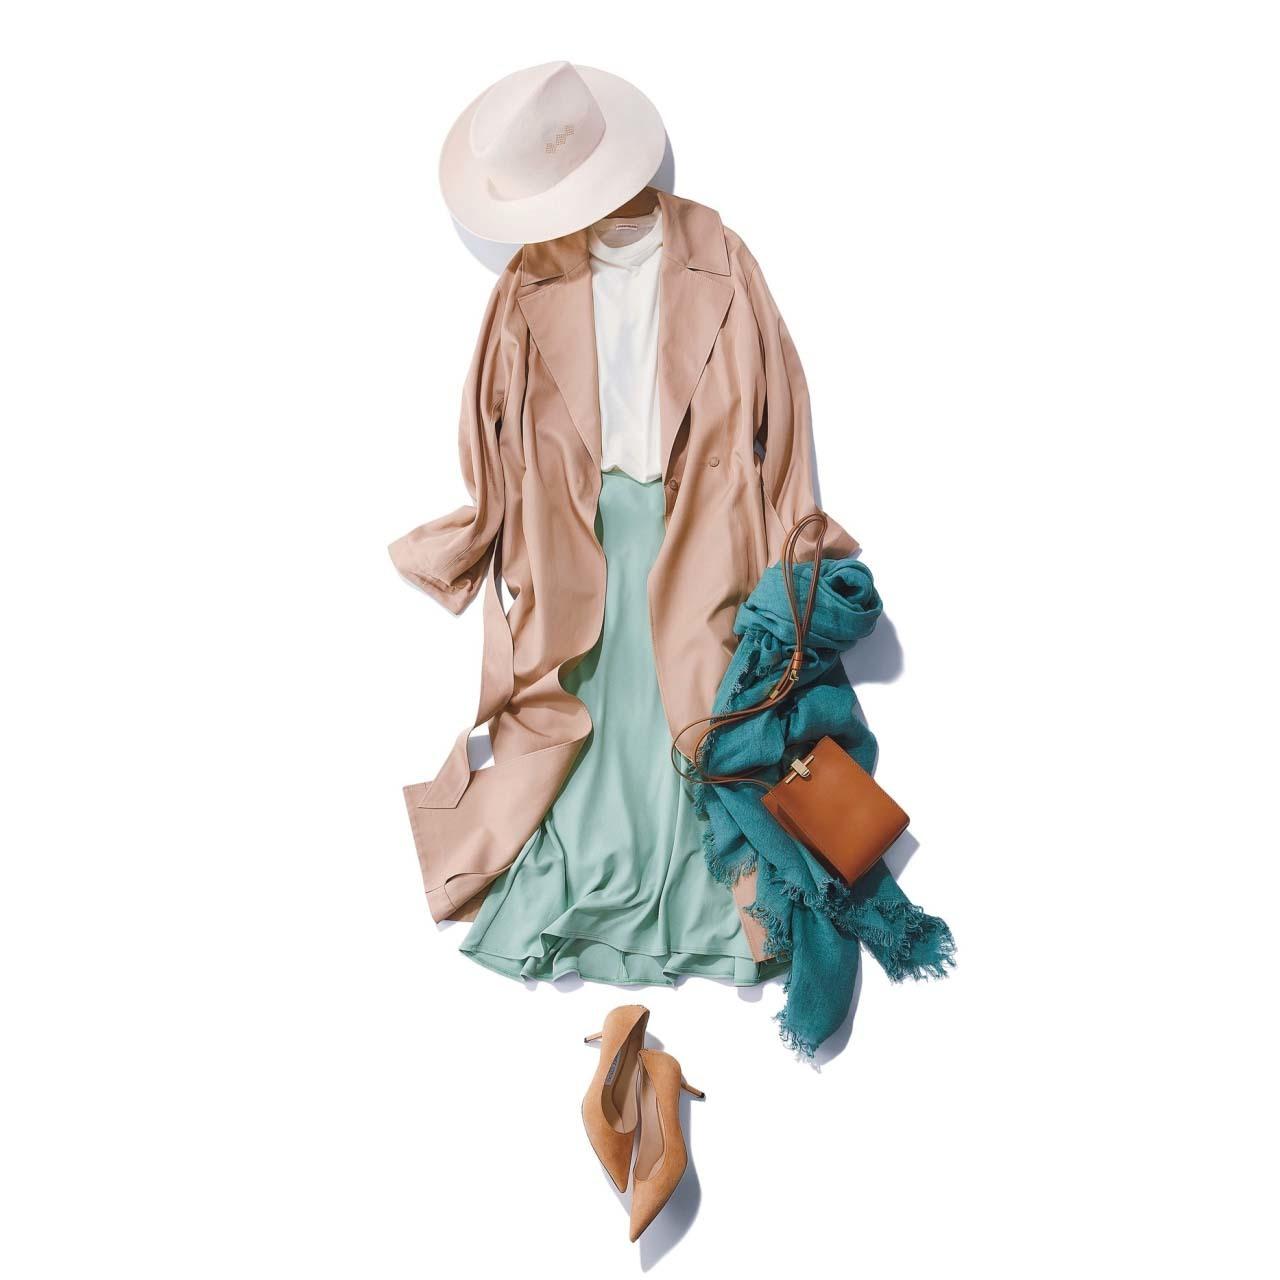 ピンクベージュのトレンチコート×ミントグリーンのスカートコーデ